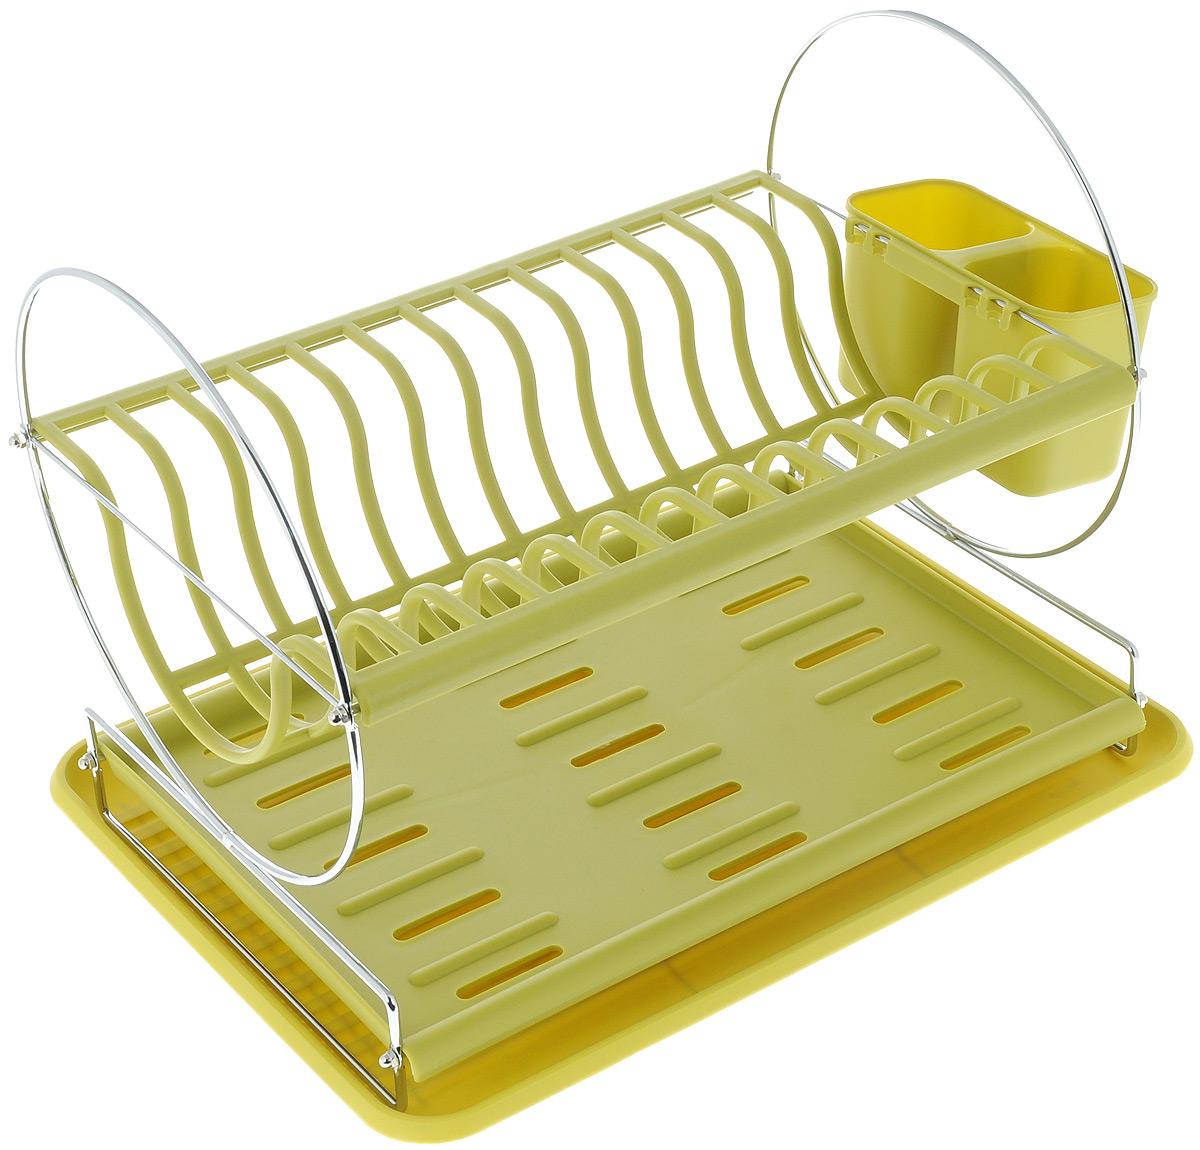 Сушилка для посуды Mayer & Boch, цвет: зеленый, 43 х 33 х 32,5 см23237_зеленыйСушилка для посуды Mayer & Boch отлично подходит для хранения кухонных принадлежностей и столовых приборов. Сушилка содержит подставку для тарелок, двойную подставку для столовых приборов и место для кружек и мисок. Изделие выполнено из высококачественного полипропилена и хромированного металла. Поддон для воды поможет сохранить кухню в чистоте. Элегантный, цветной дизайн прекрасно сочетается с интерьером любой кухни. Размеры нижнего поддона: 43 х 32,5 х 2 см. Размеры верхнего поддона: 38 х 27 х 1 см. Размеры подставки для тарелок: 38 х 26,5 х 10 см. Размеры подставки для столовых приборов (1 отделение): 7 х 7 х 9 см.